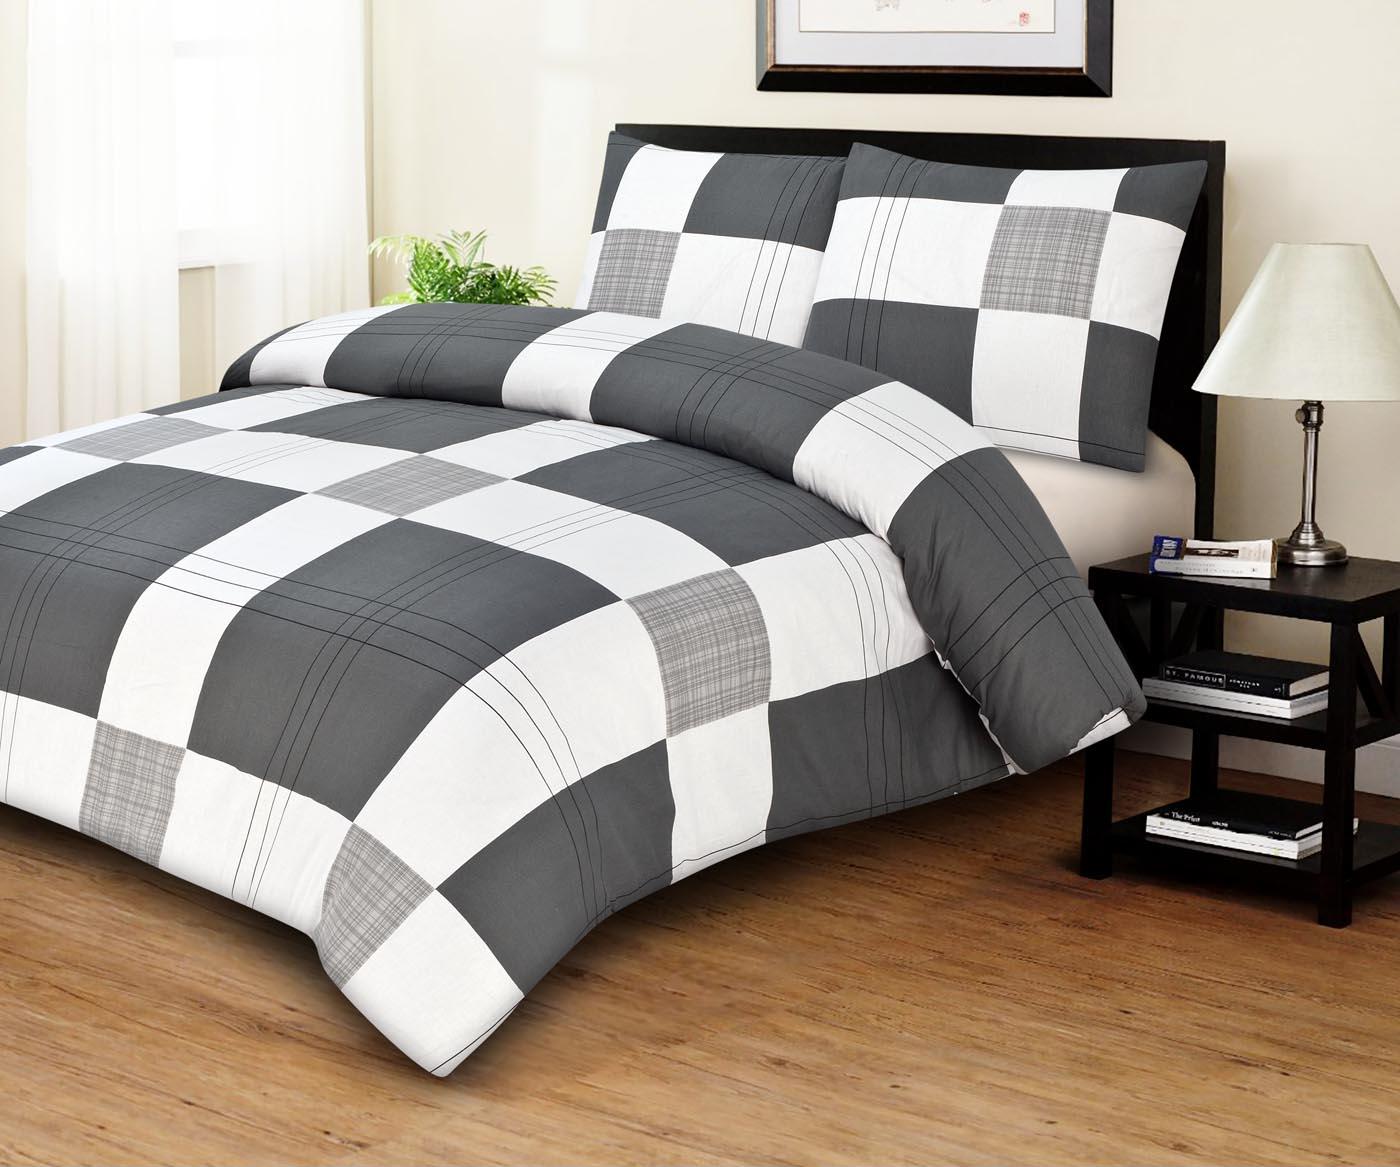 Bed Sheet Reviews